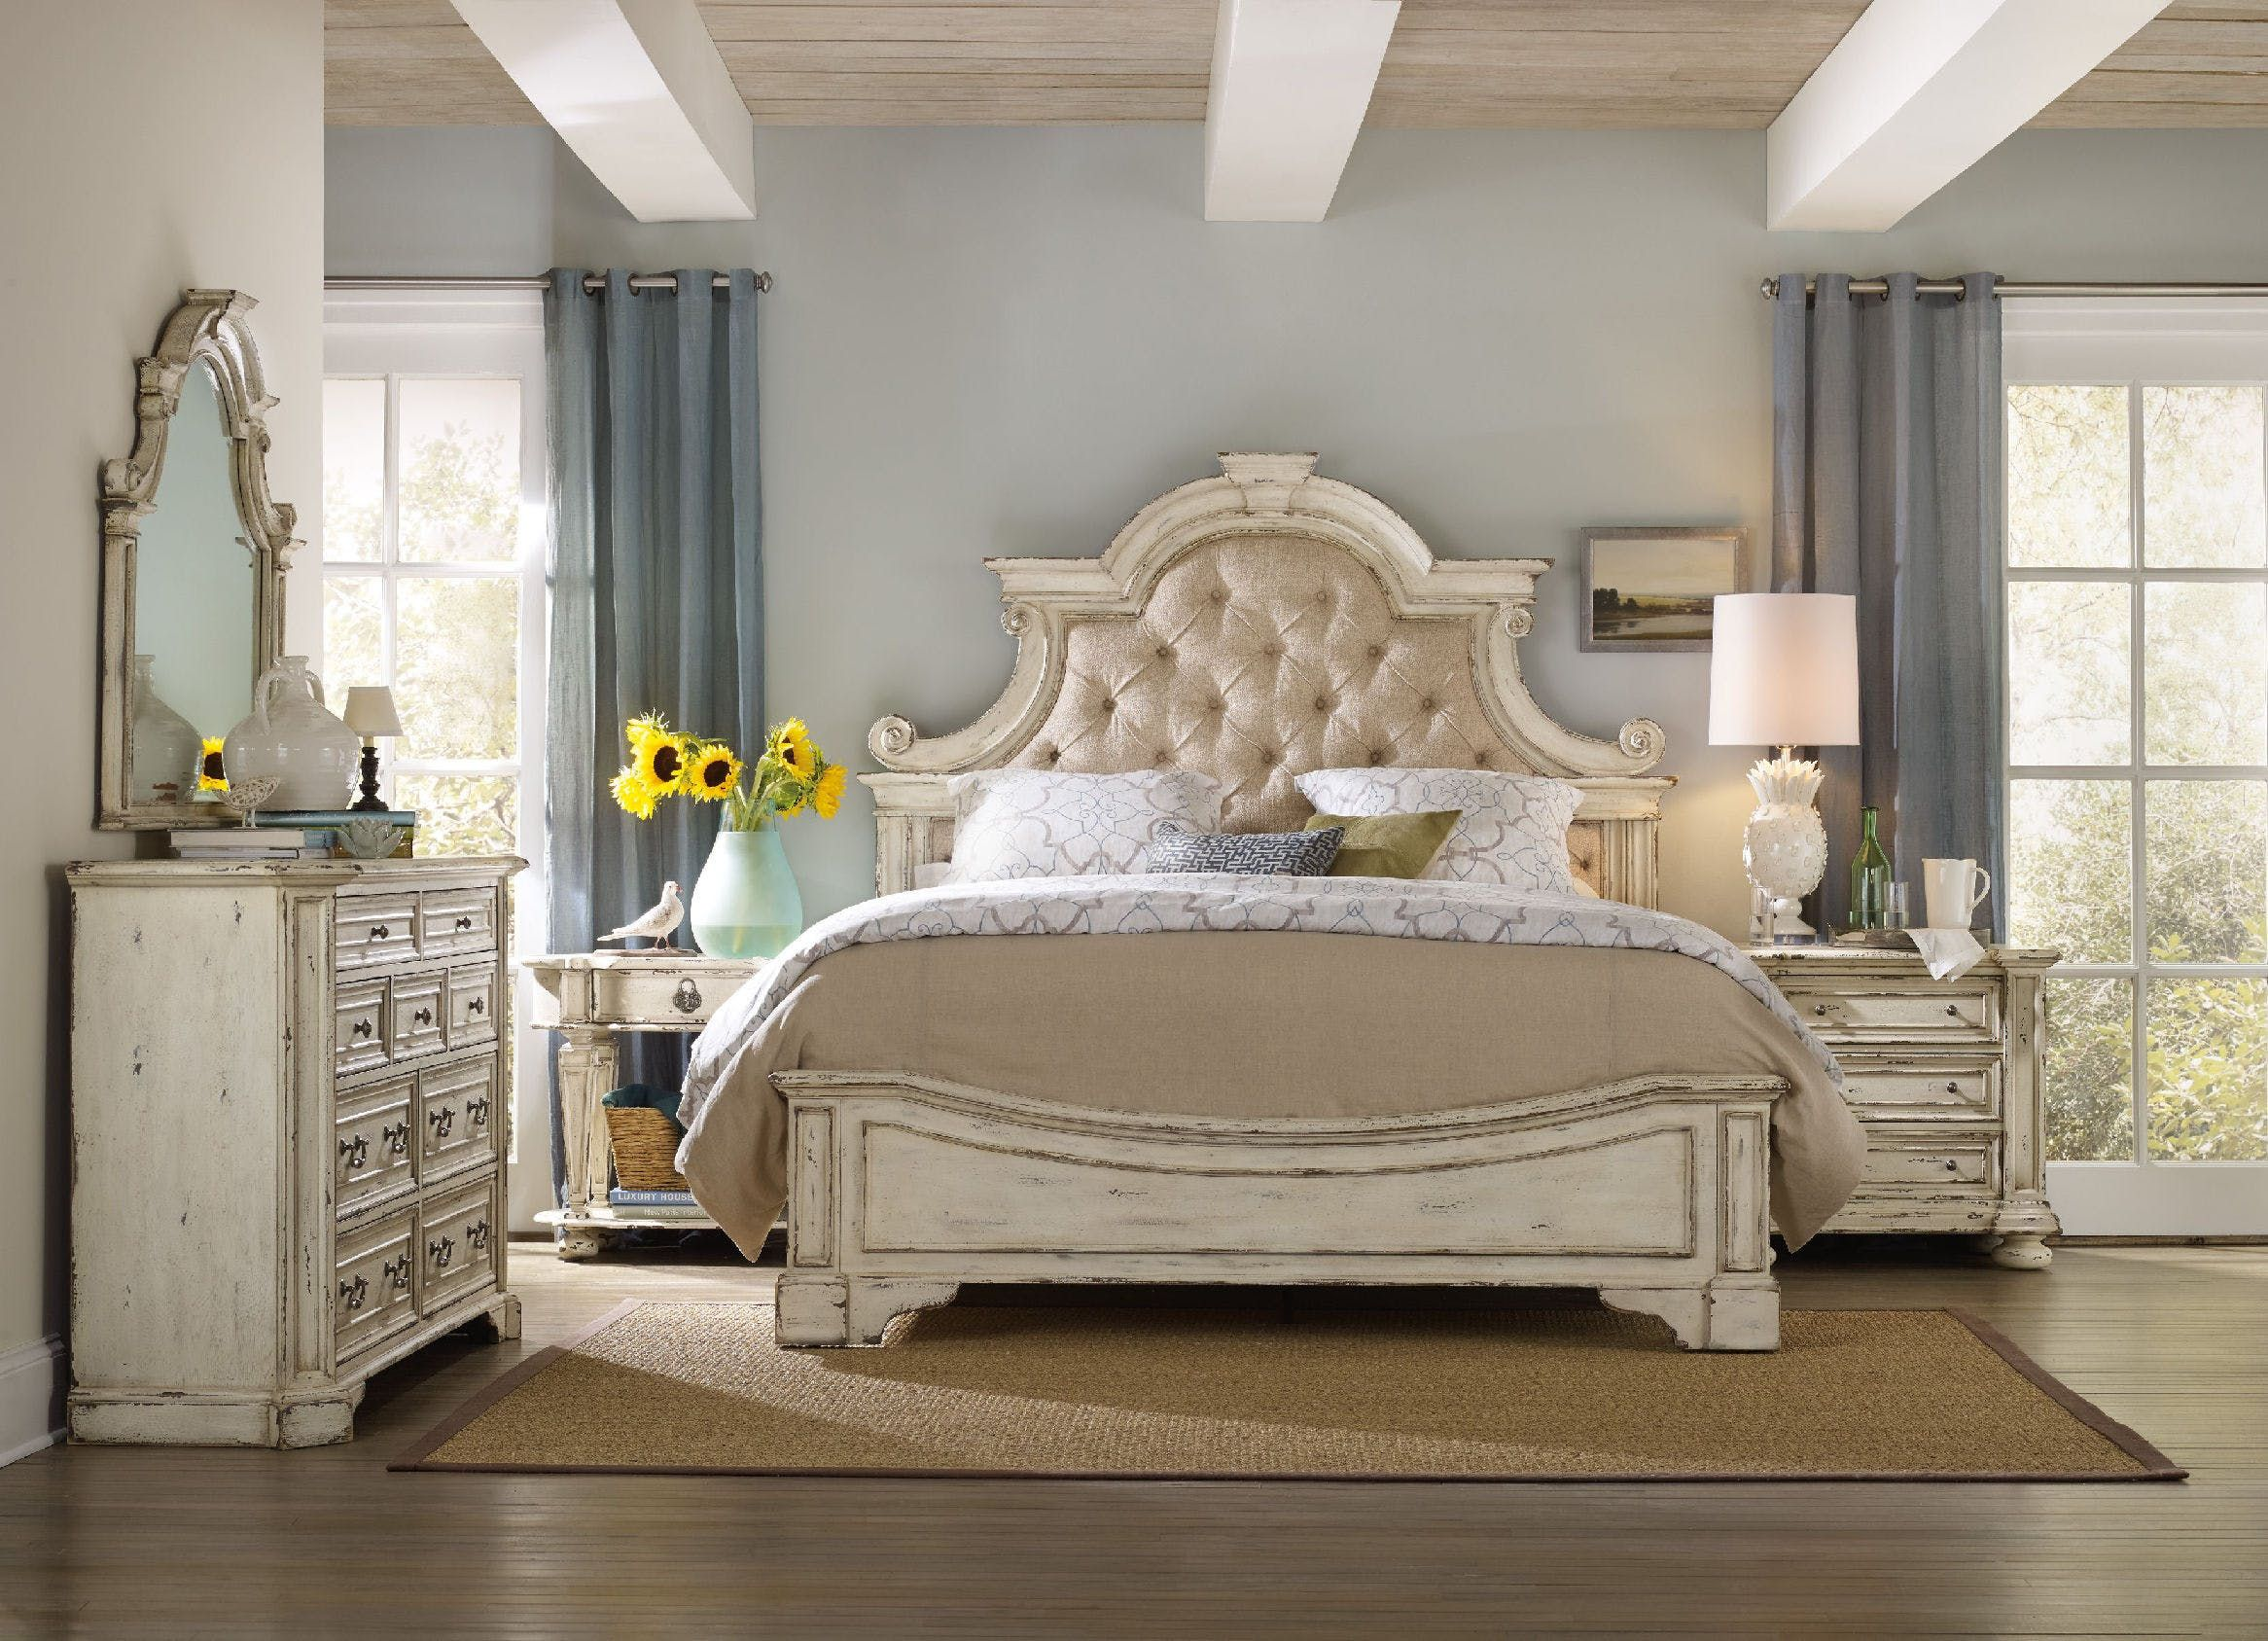 Master bedroom bed  Hooker Furniture Sanctuary King Upholstered Bed   Master